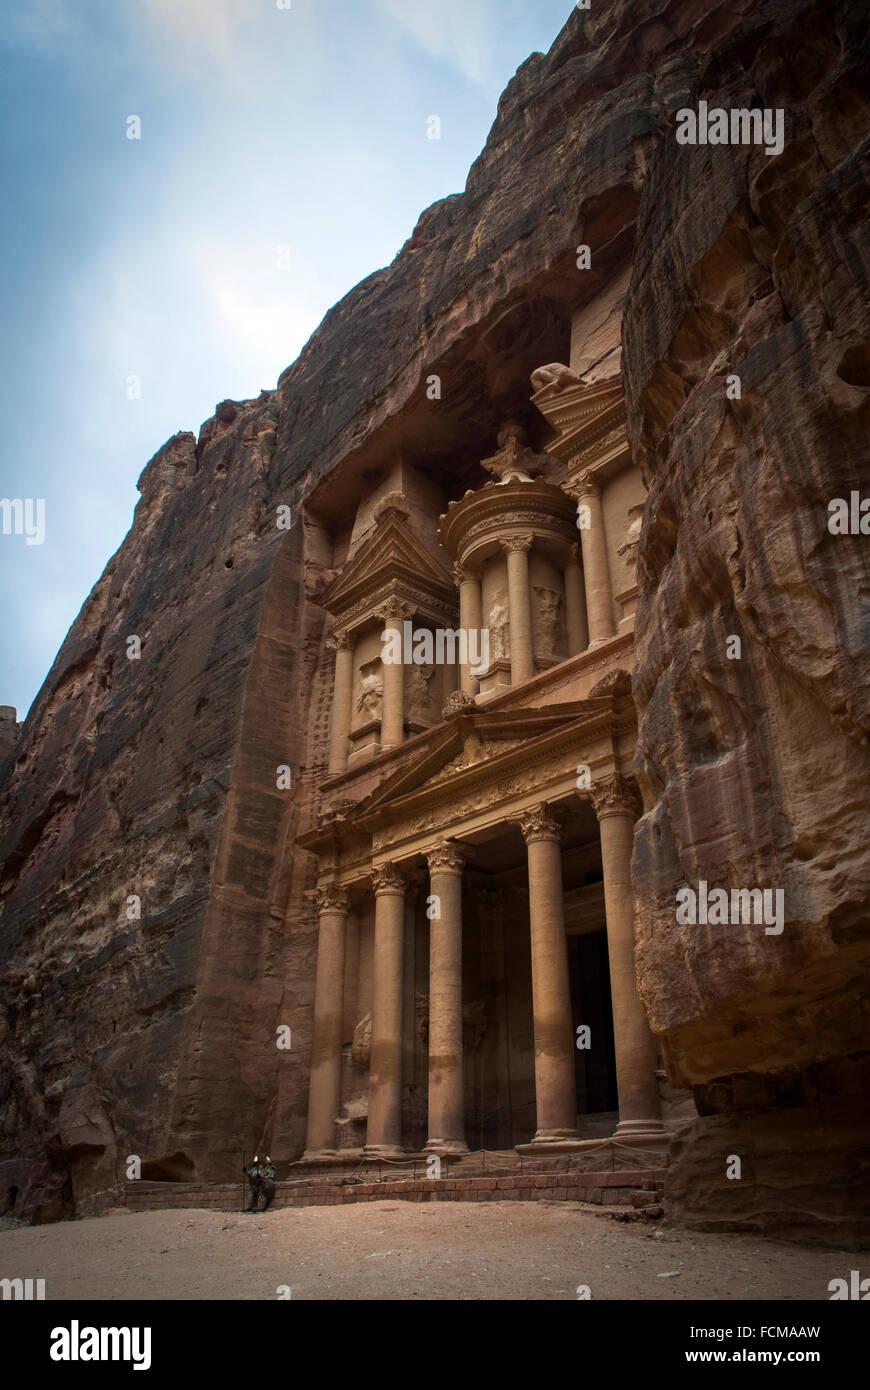 The Treasury in Petra, Jordan - Stock Image